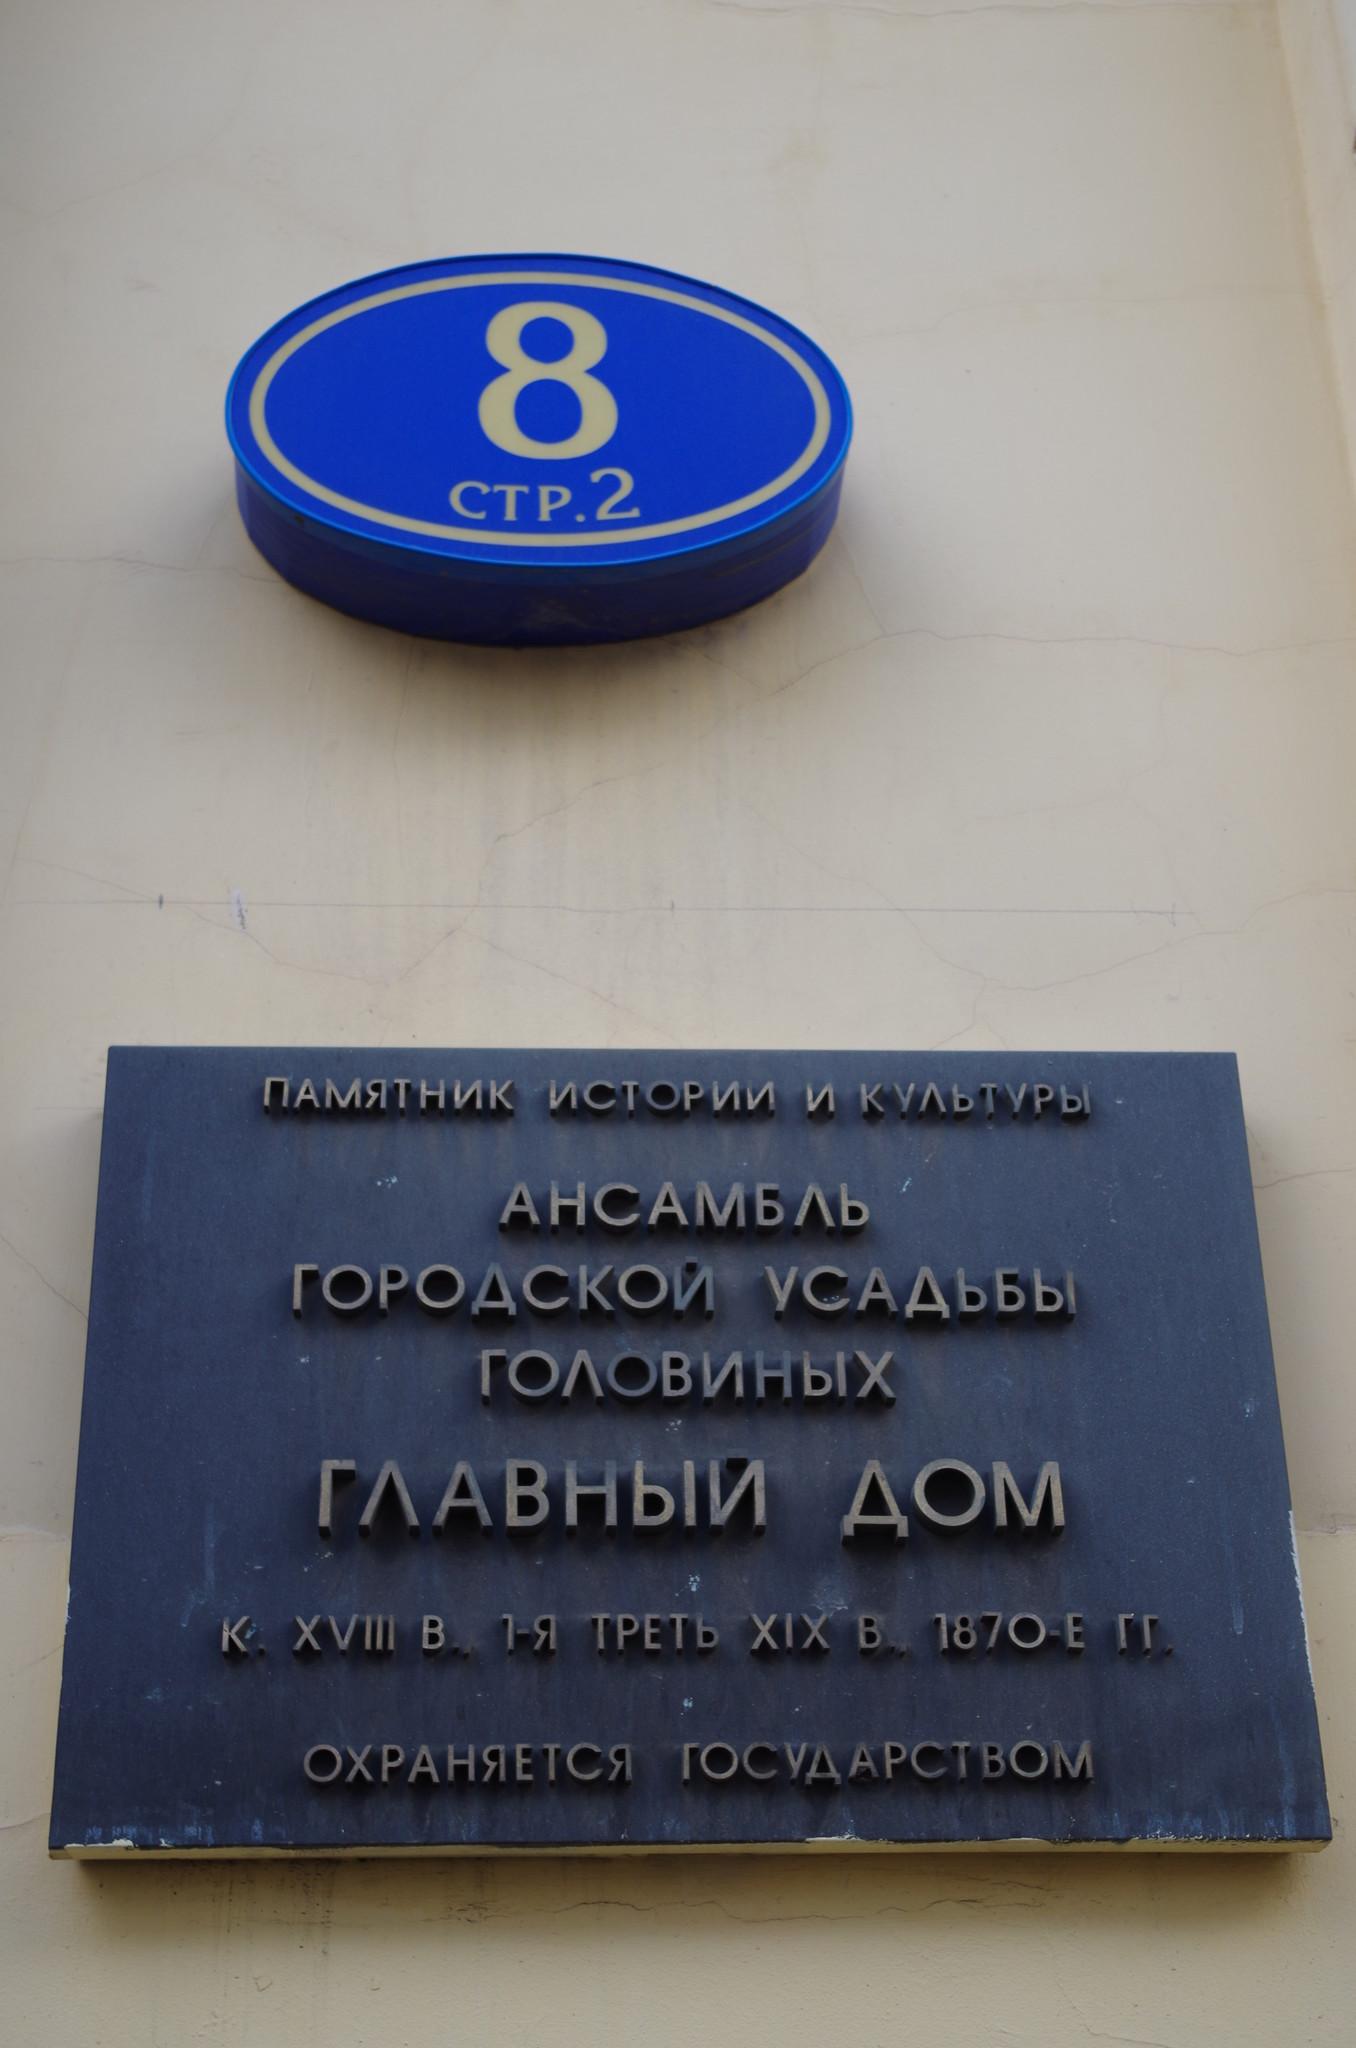 Городская усадьба Головиных (Потаповский переулок, дом 8, строение 2)